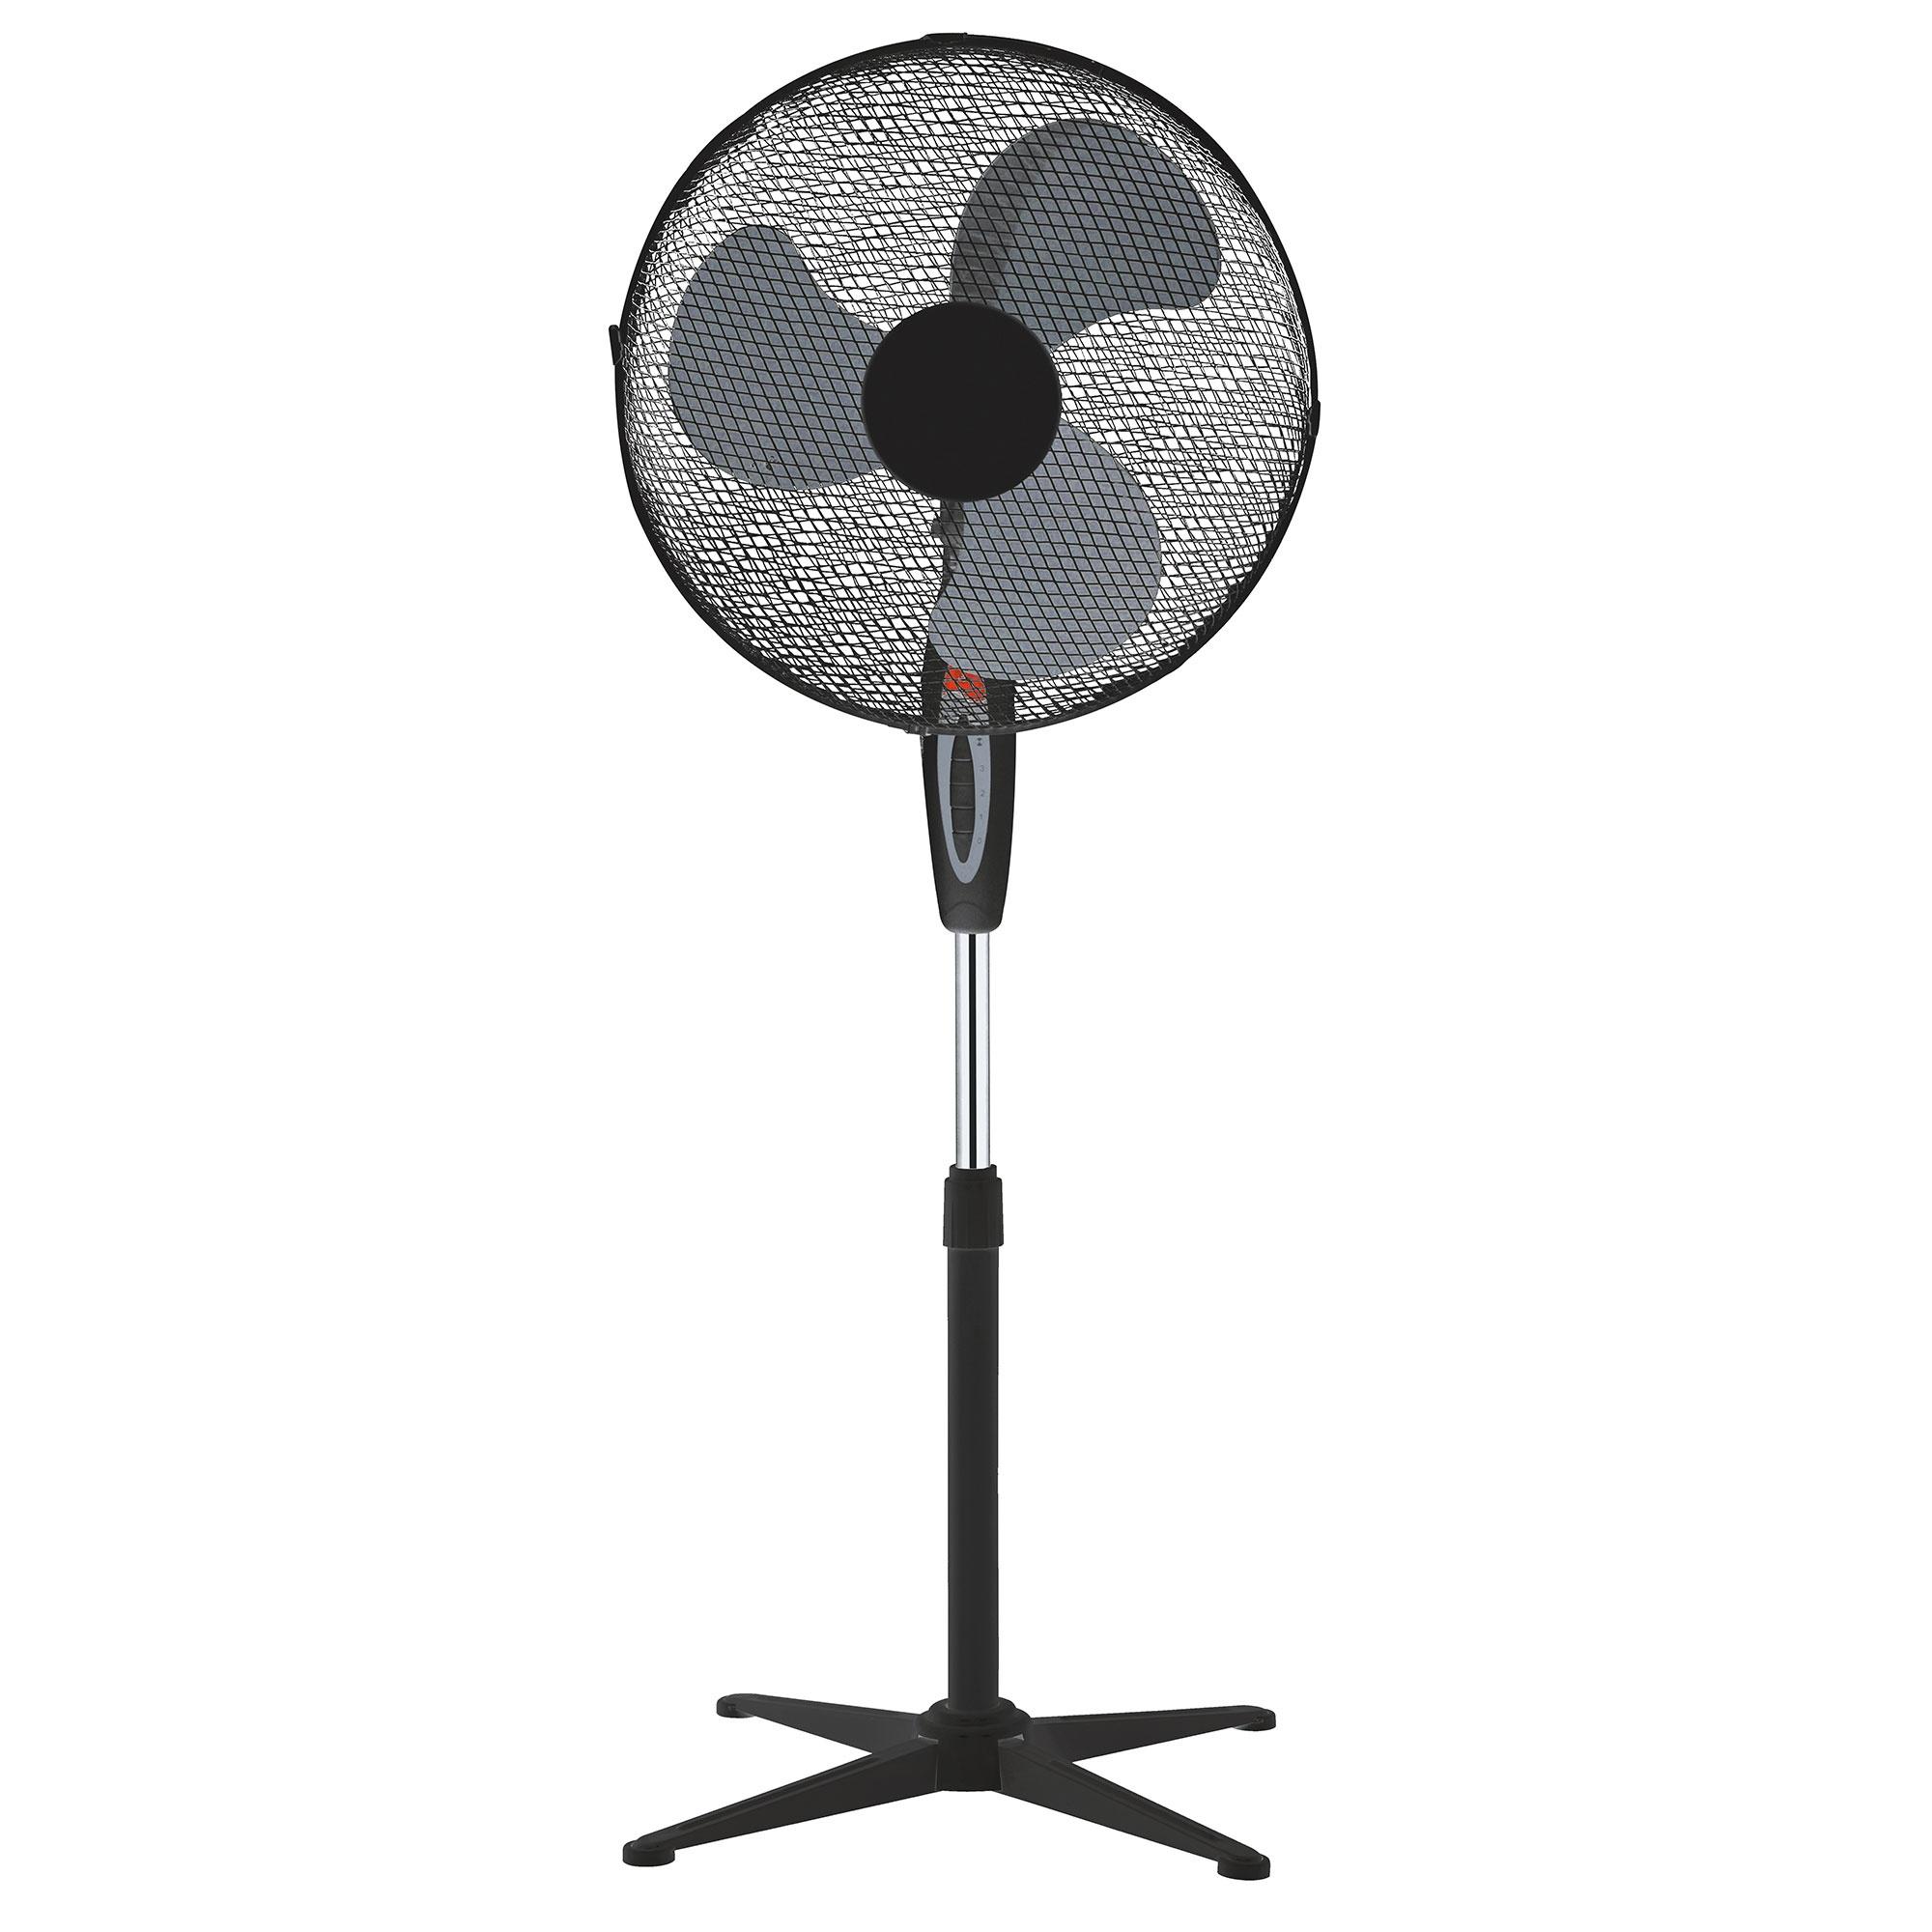 LEX Stojanový ventilátor STANDVENTILATOR Black